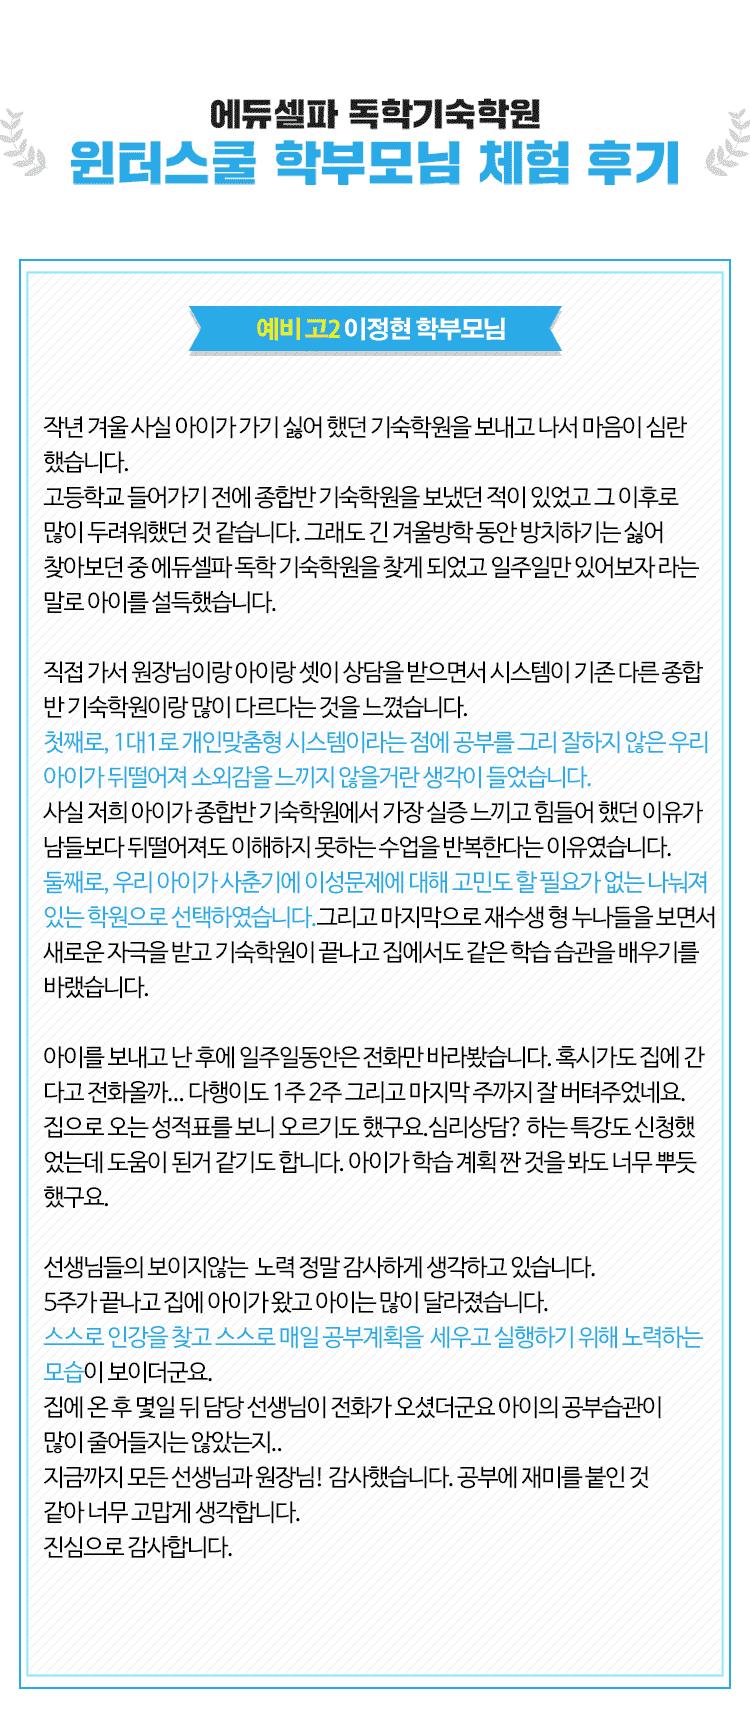 2019윈터스쿨 학부모 후기 모바일